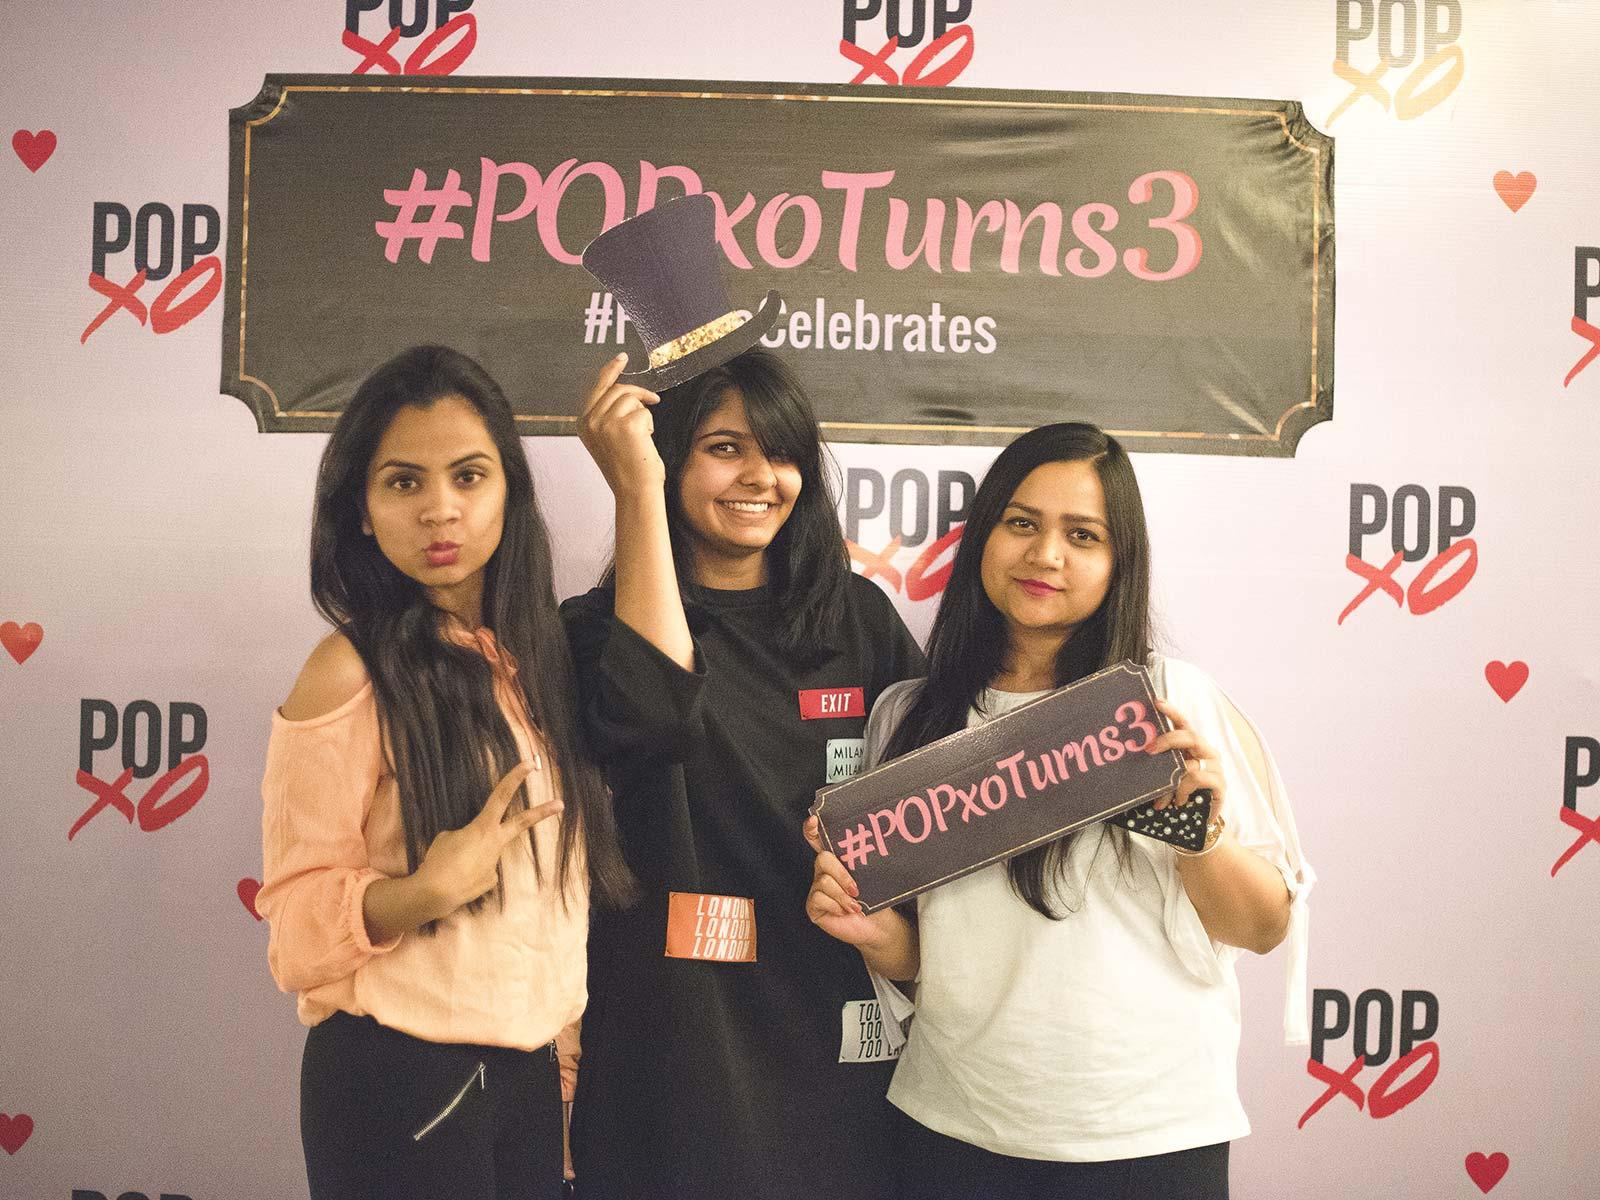 Team POPxo celebrates #POPxoTurns3